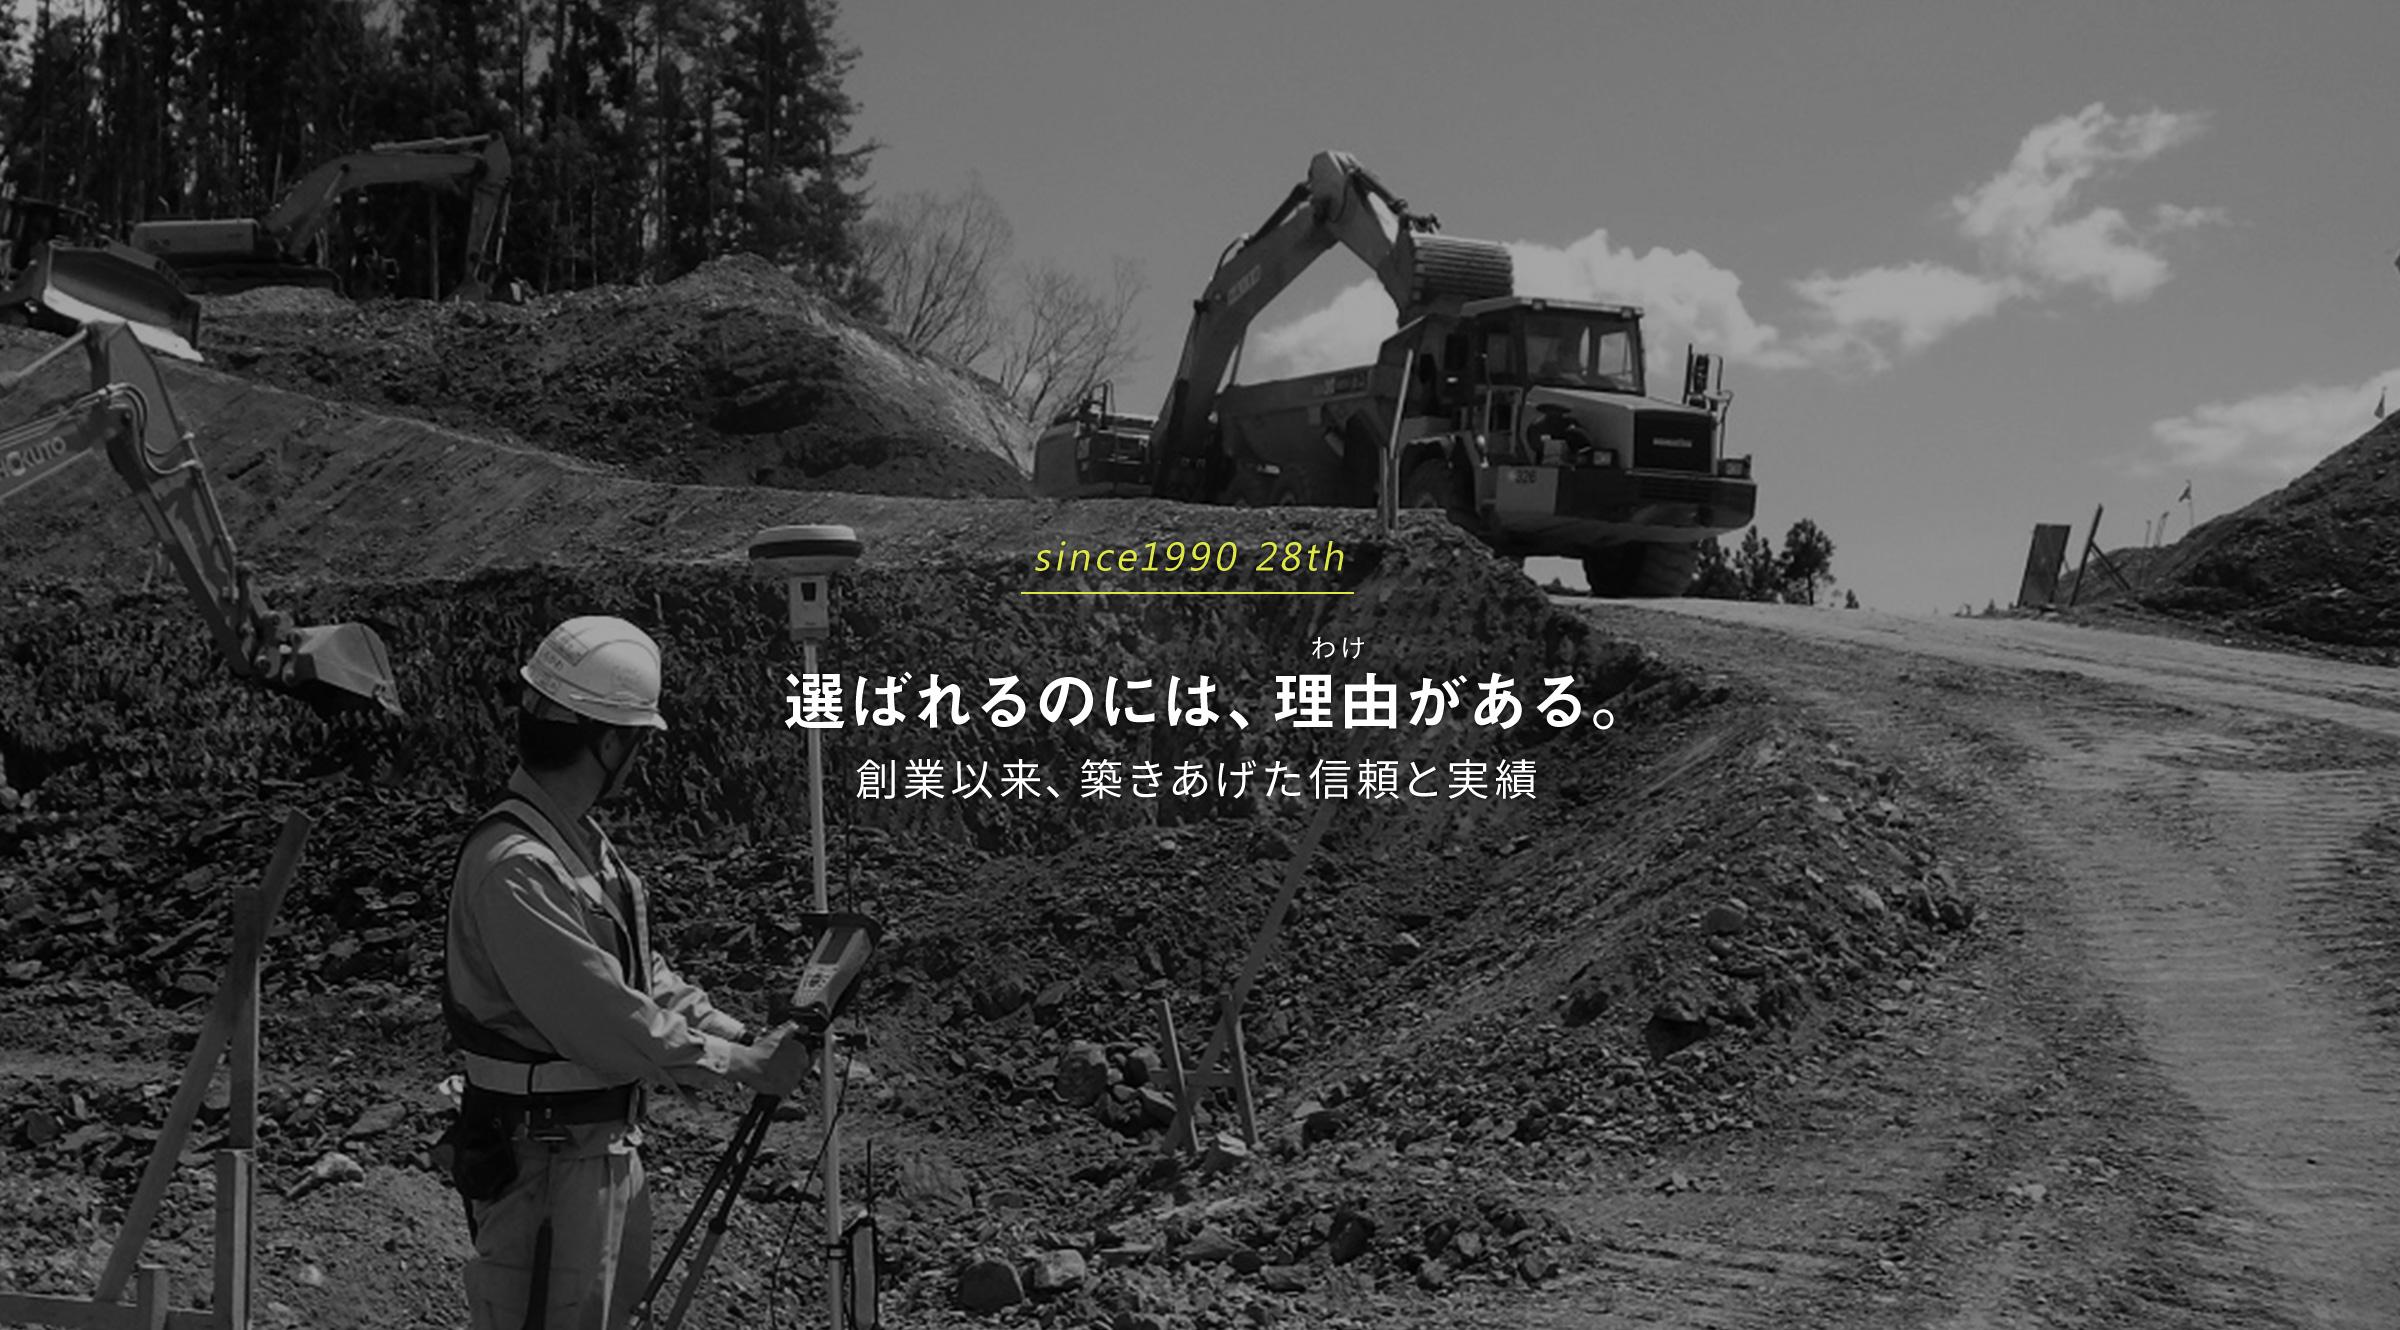 岩手県大槌町 三陸復興道路